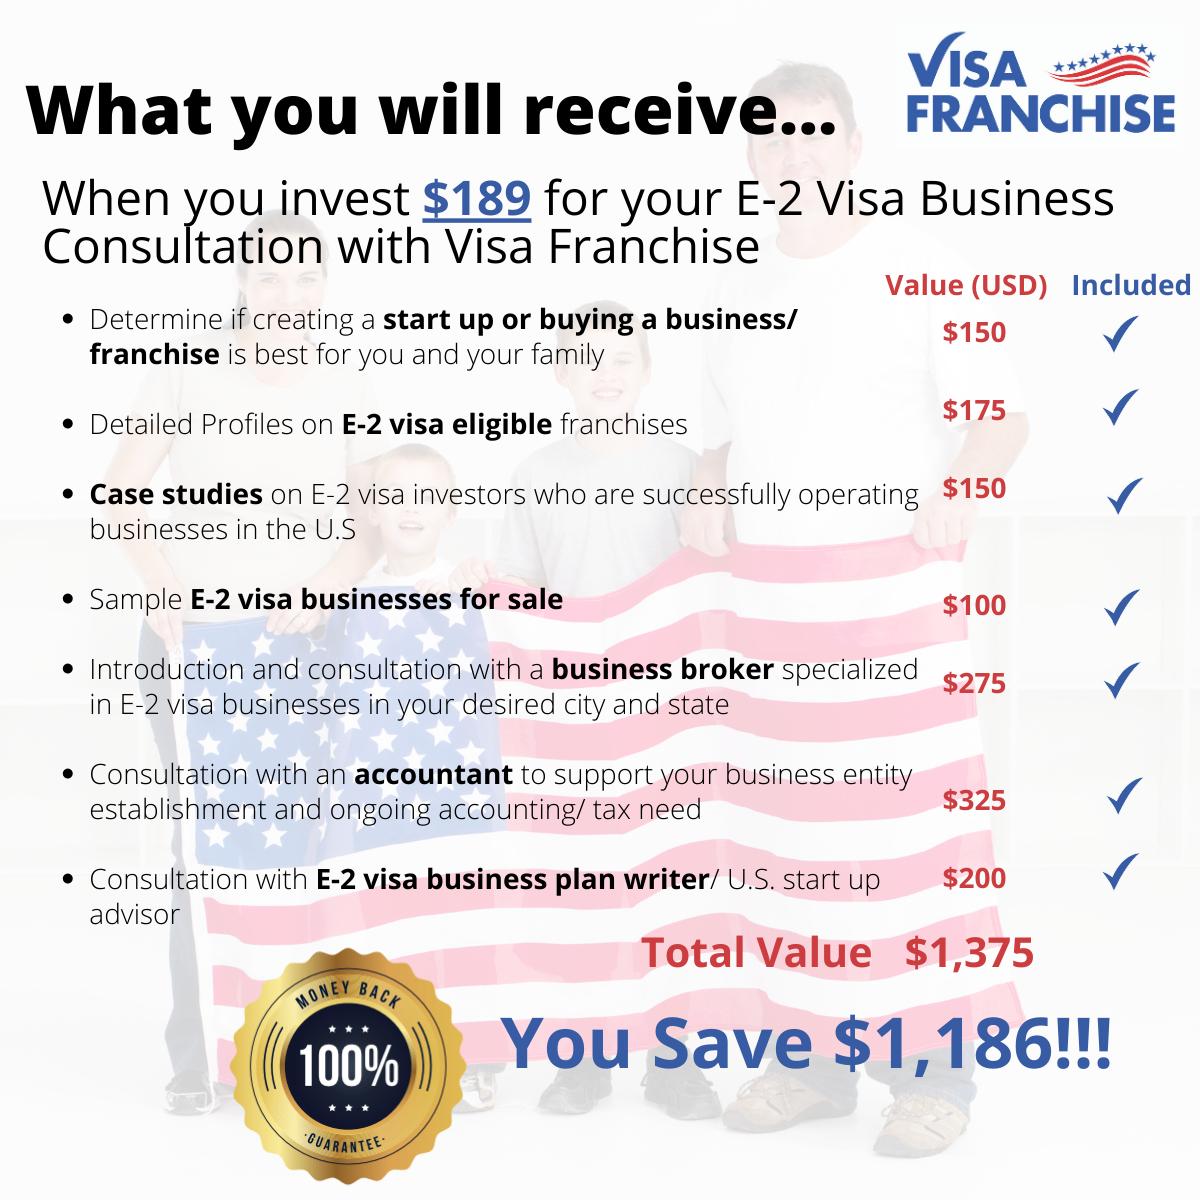 IAF- Visa Franchise E-2 Visa Business Consultation-1